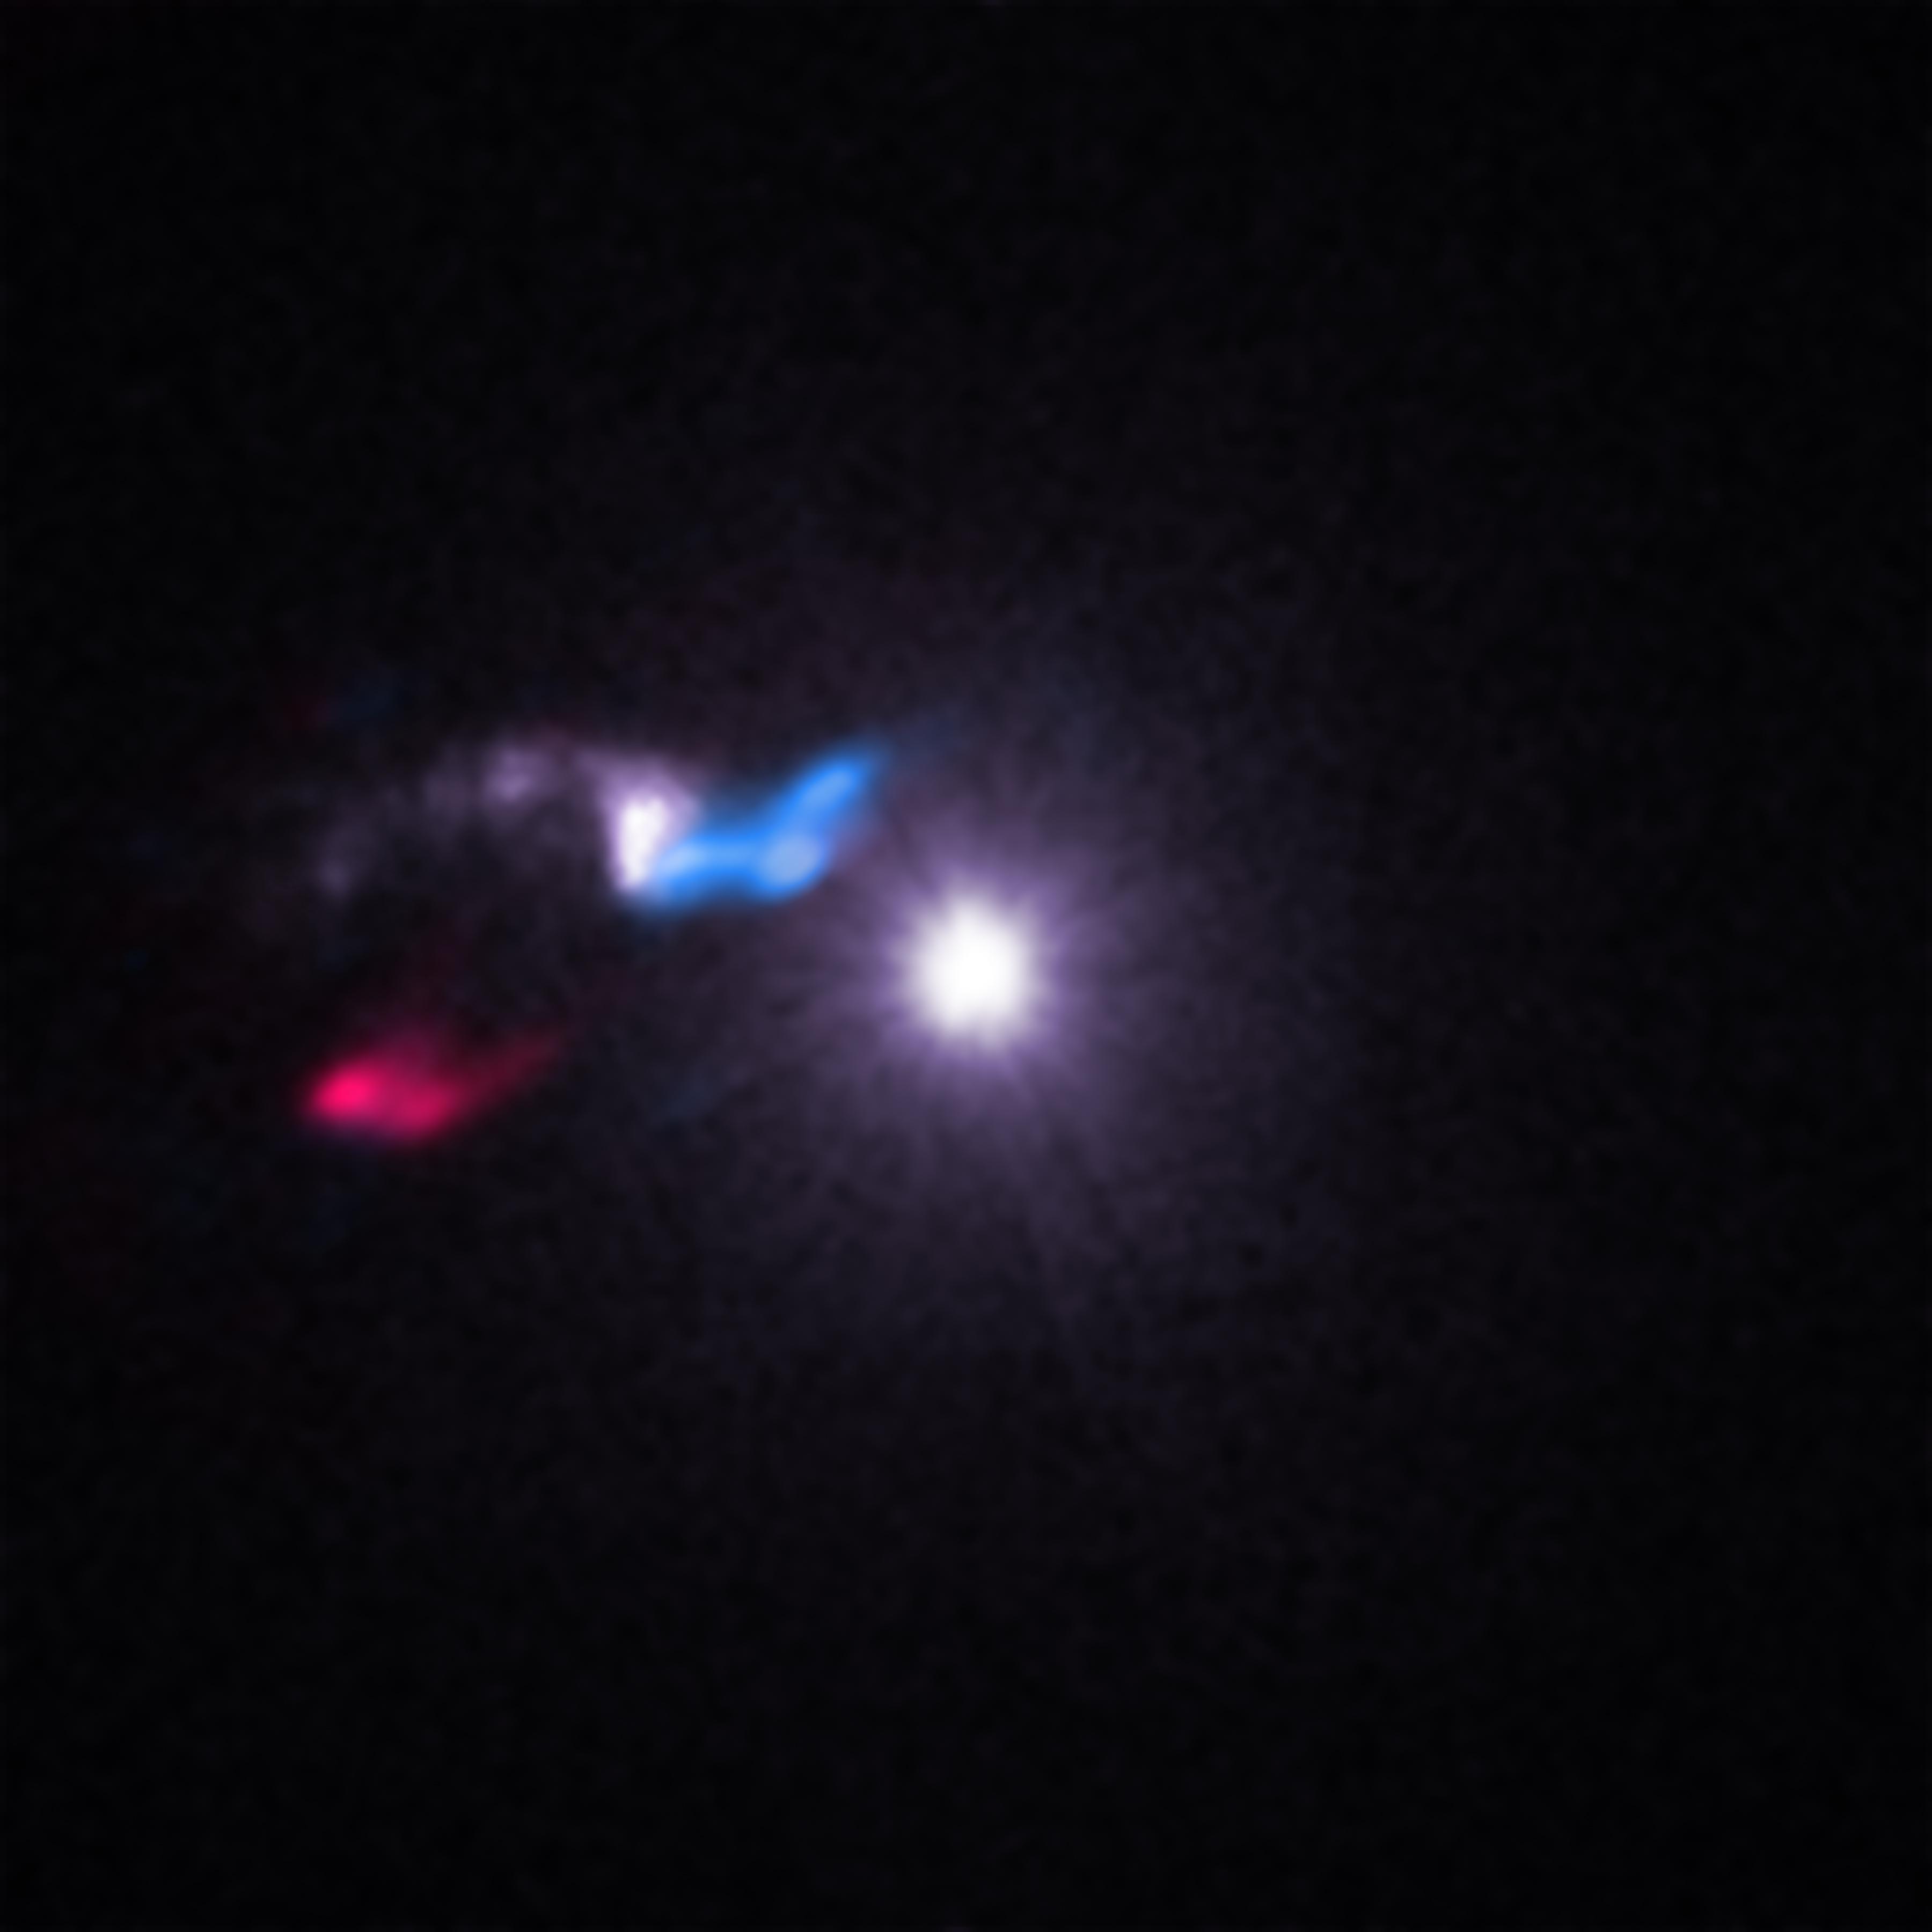 Cygnus x 3